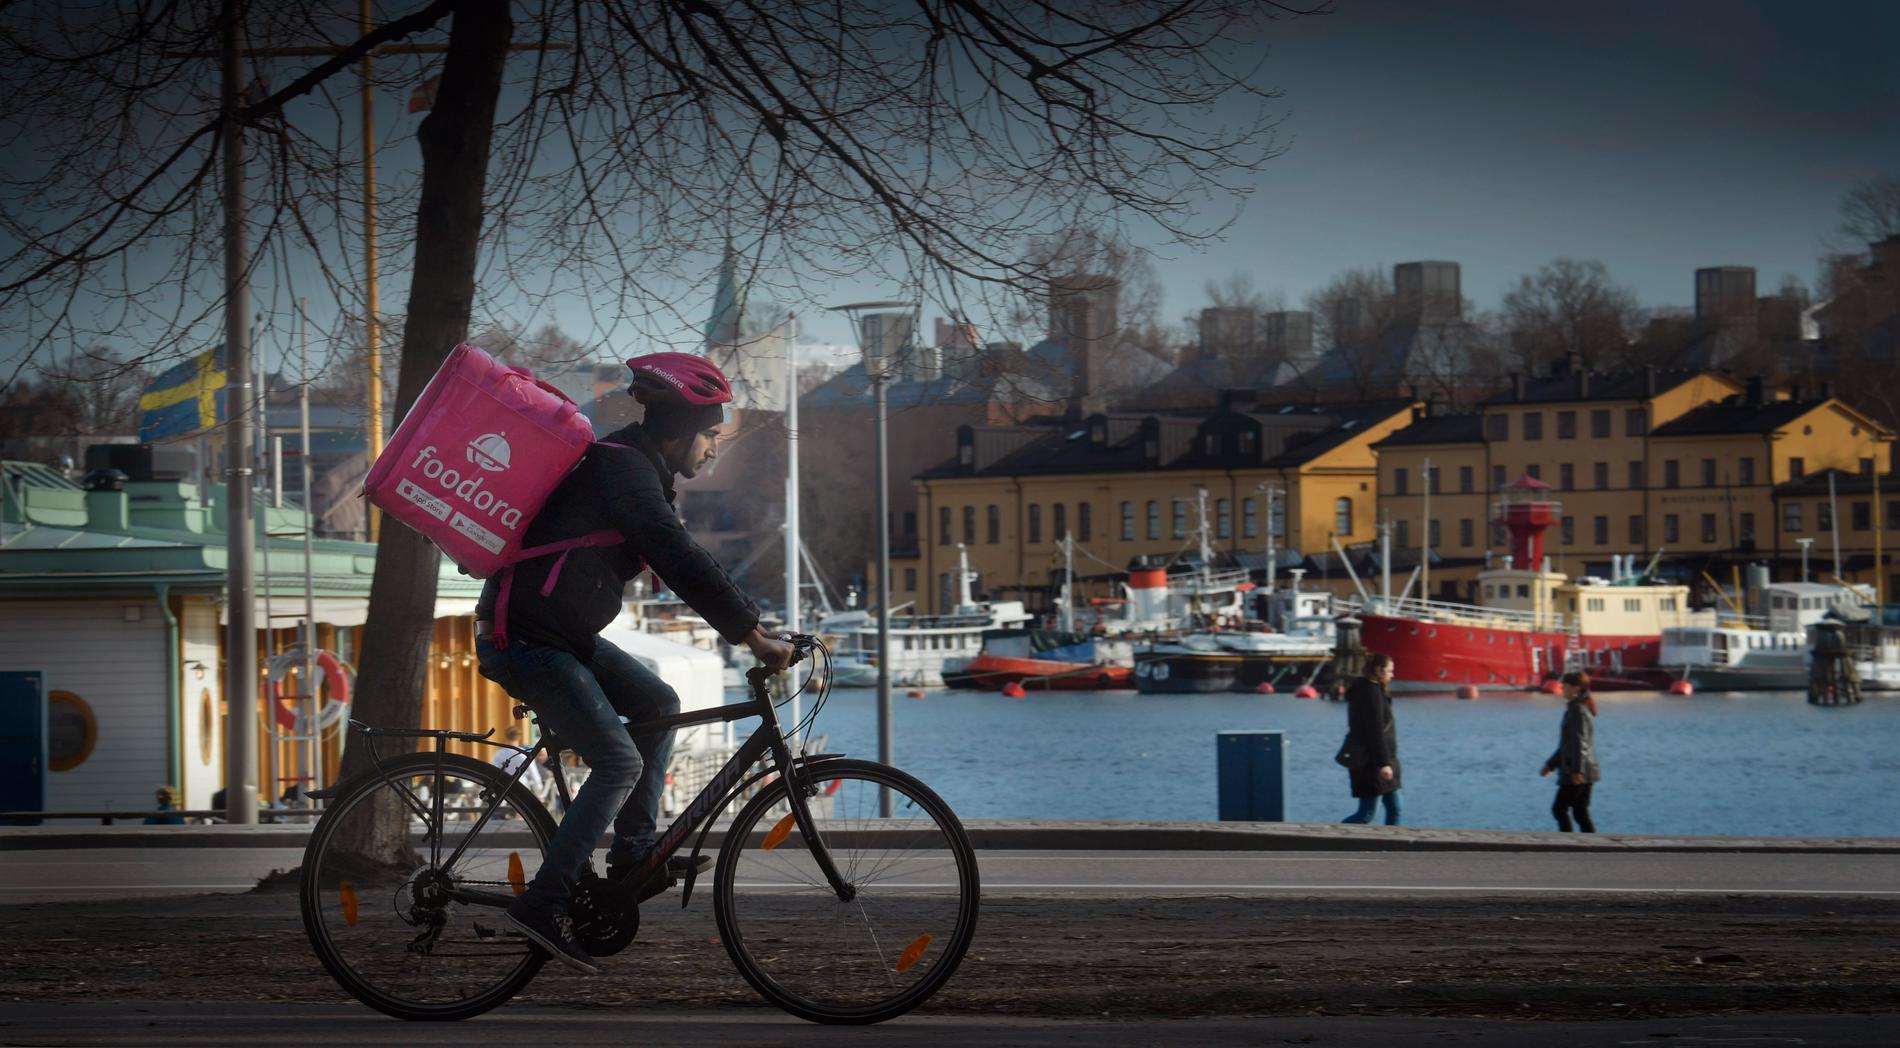 Ett Foodora-cykelbud på väg med en matleverans på Östermalm i Stockholm där de ekonomiska klyftorna är som störst.